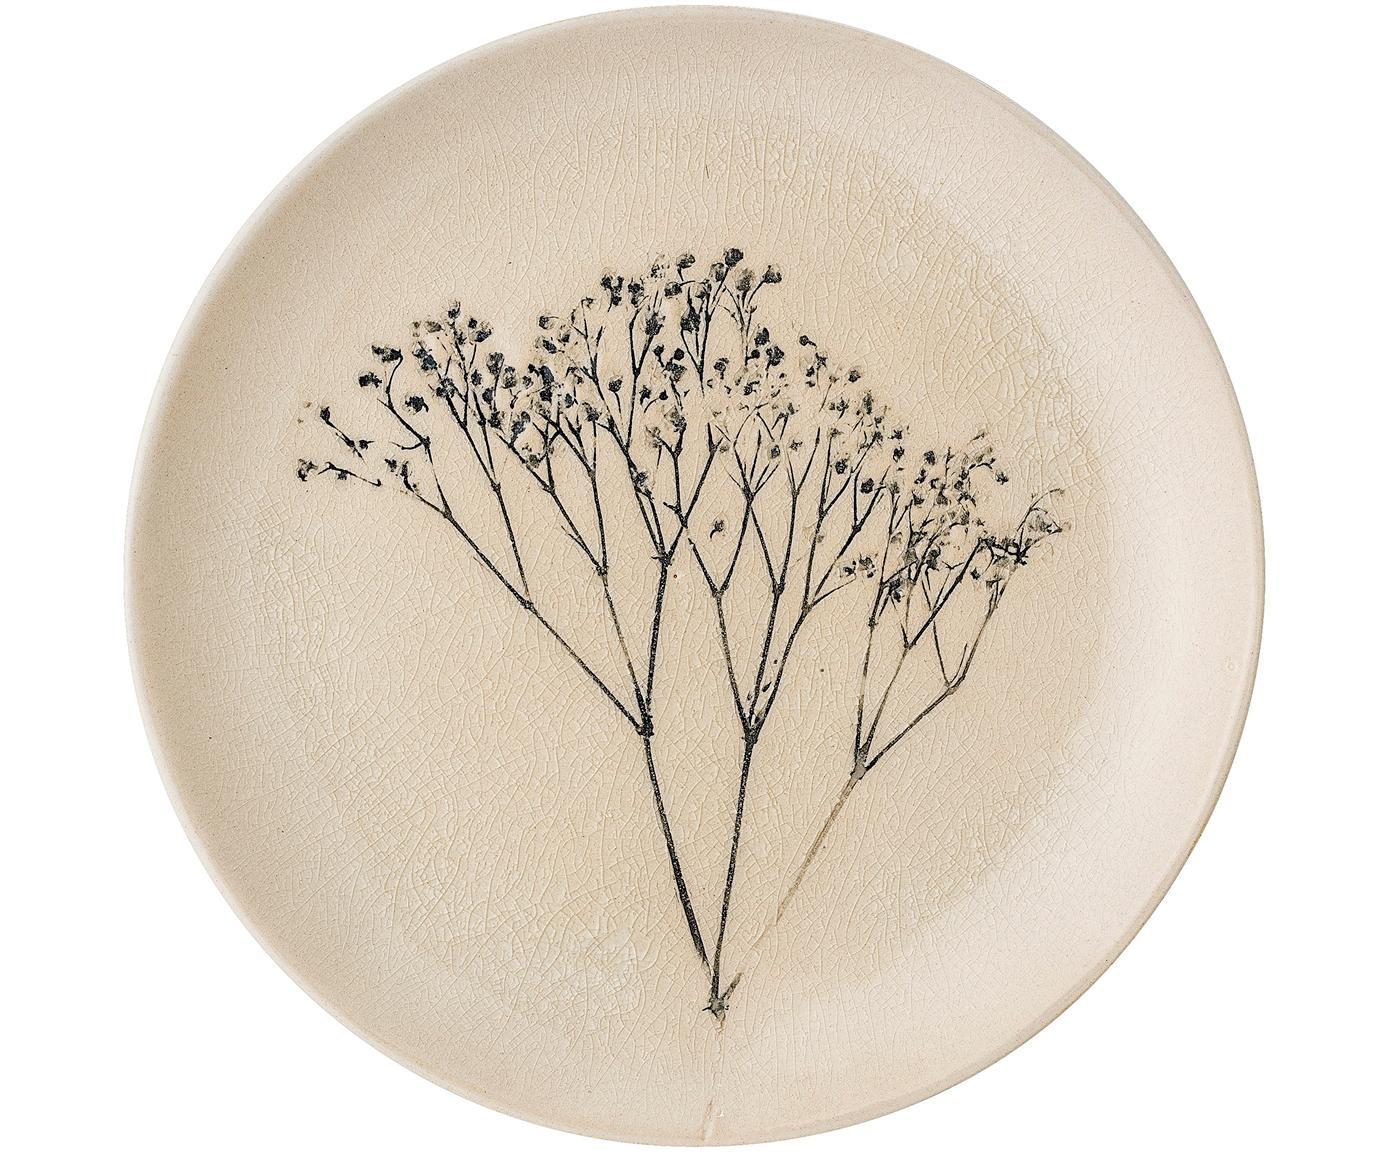 Handgefertigter Frühstücksteller Bea mit Gräser-Motiv, Steingut, Beige, Mehrfarbig, Ø 22 cm